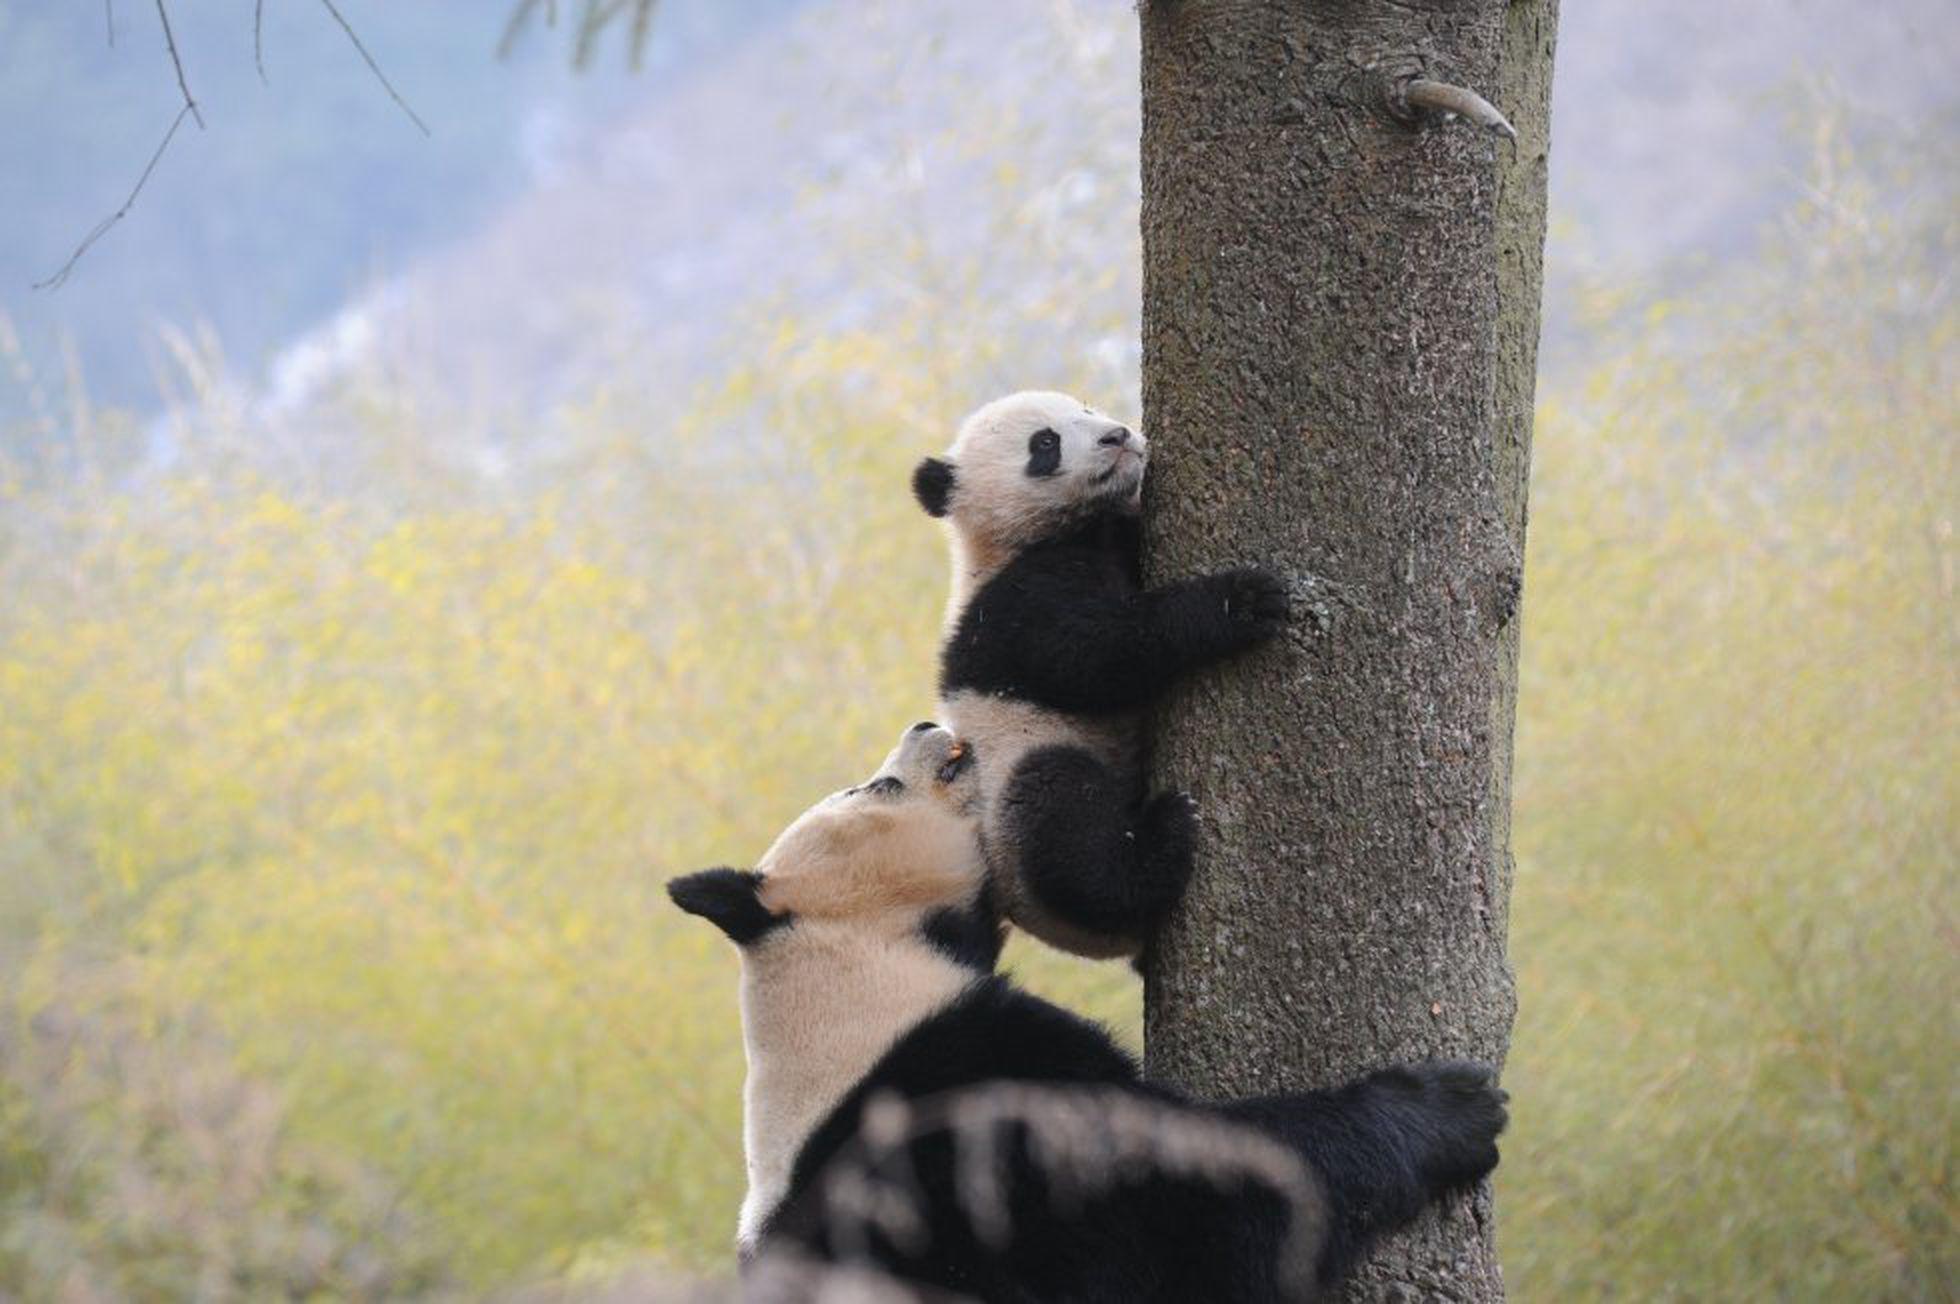 Dos pandas en el Centro Hetaoping de Investigación y Conservación en Wolong, en la provincia de Sichuan (China).